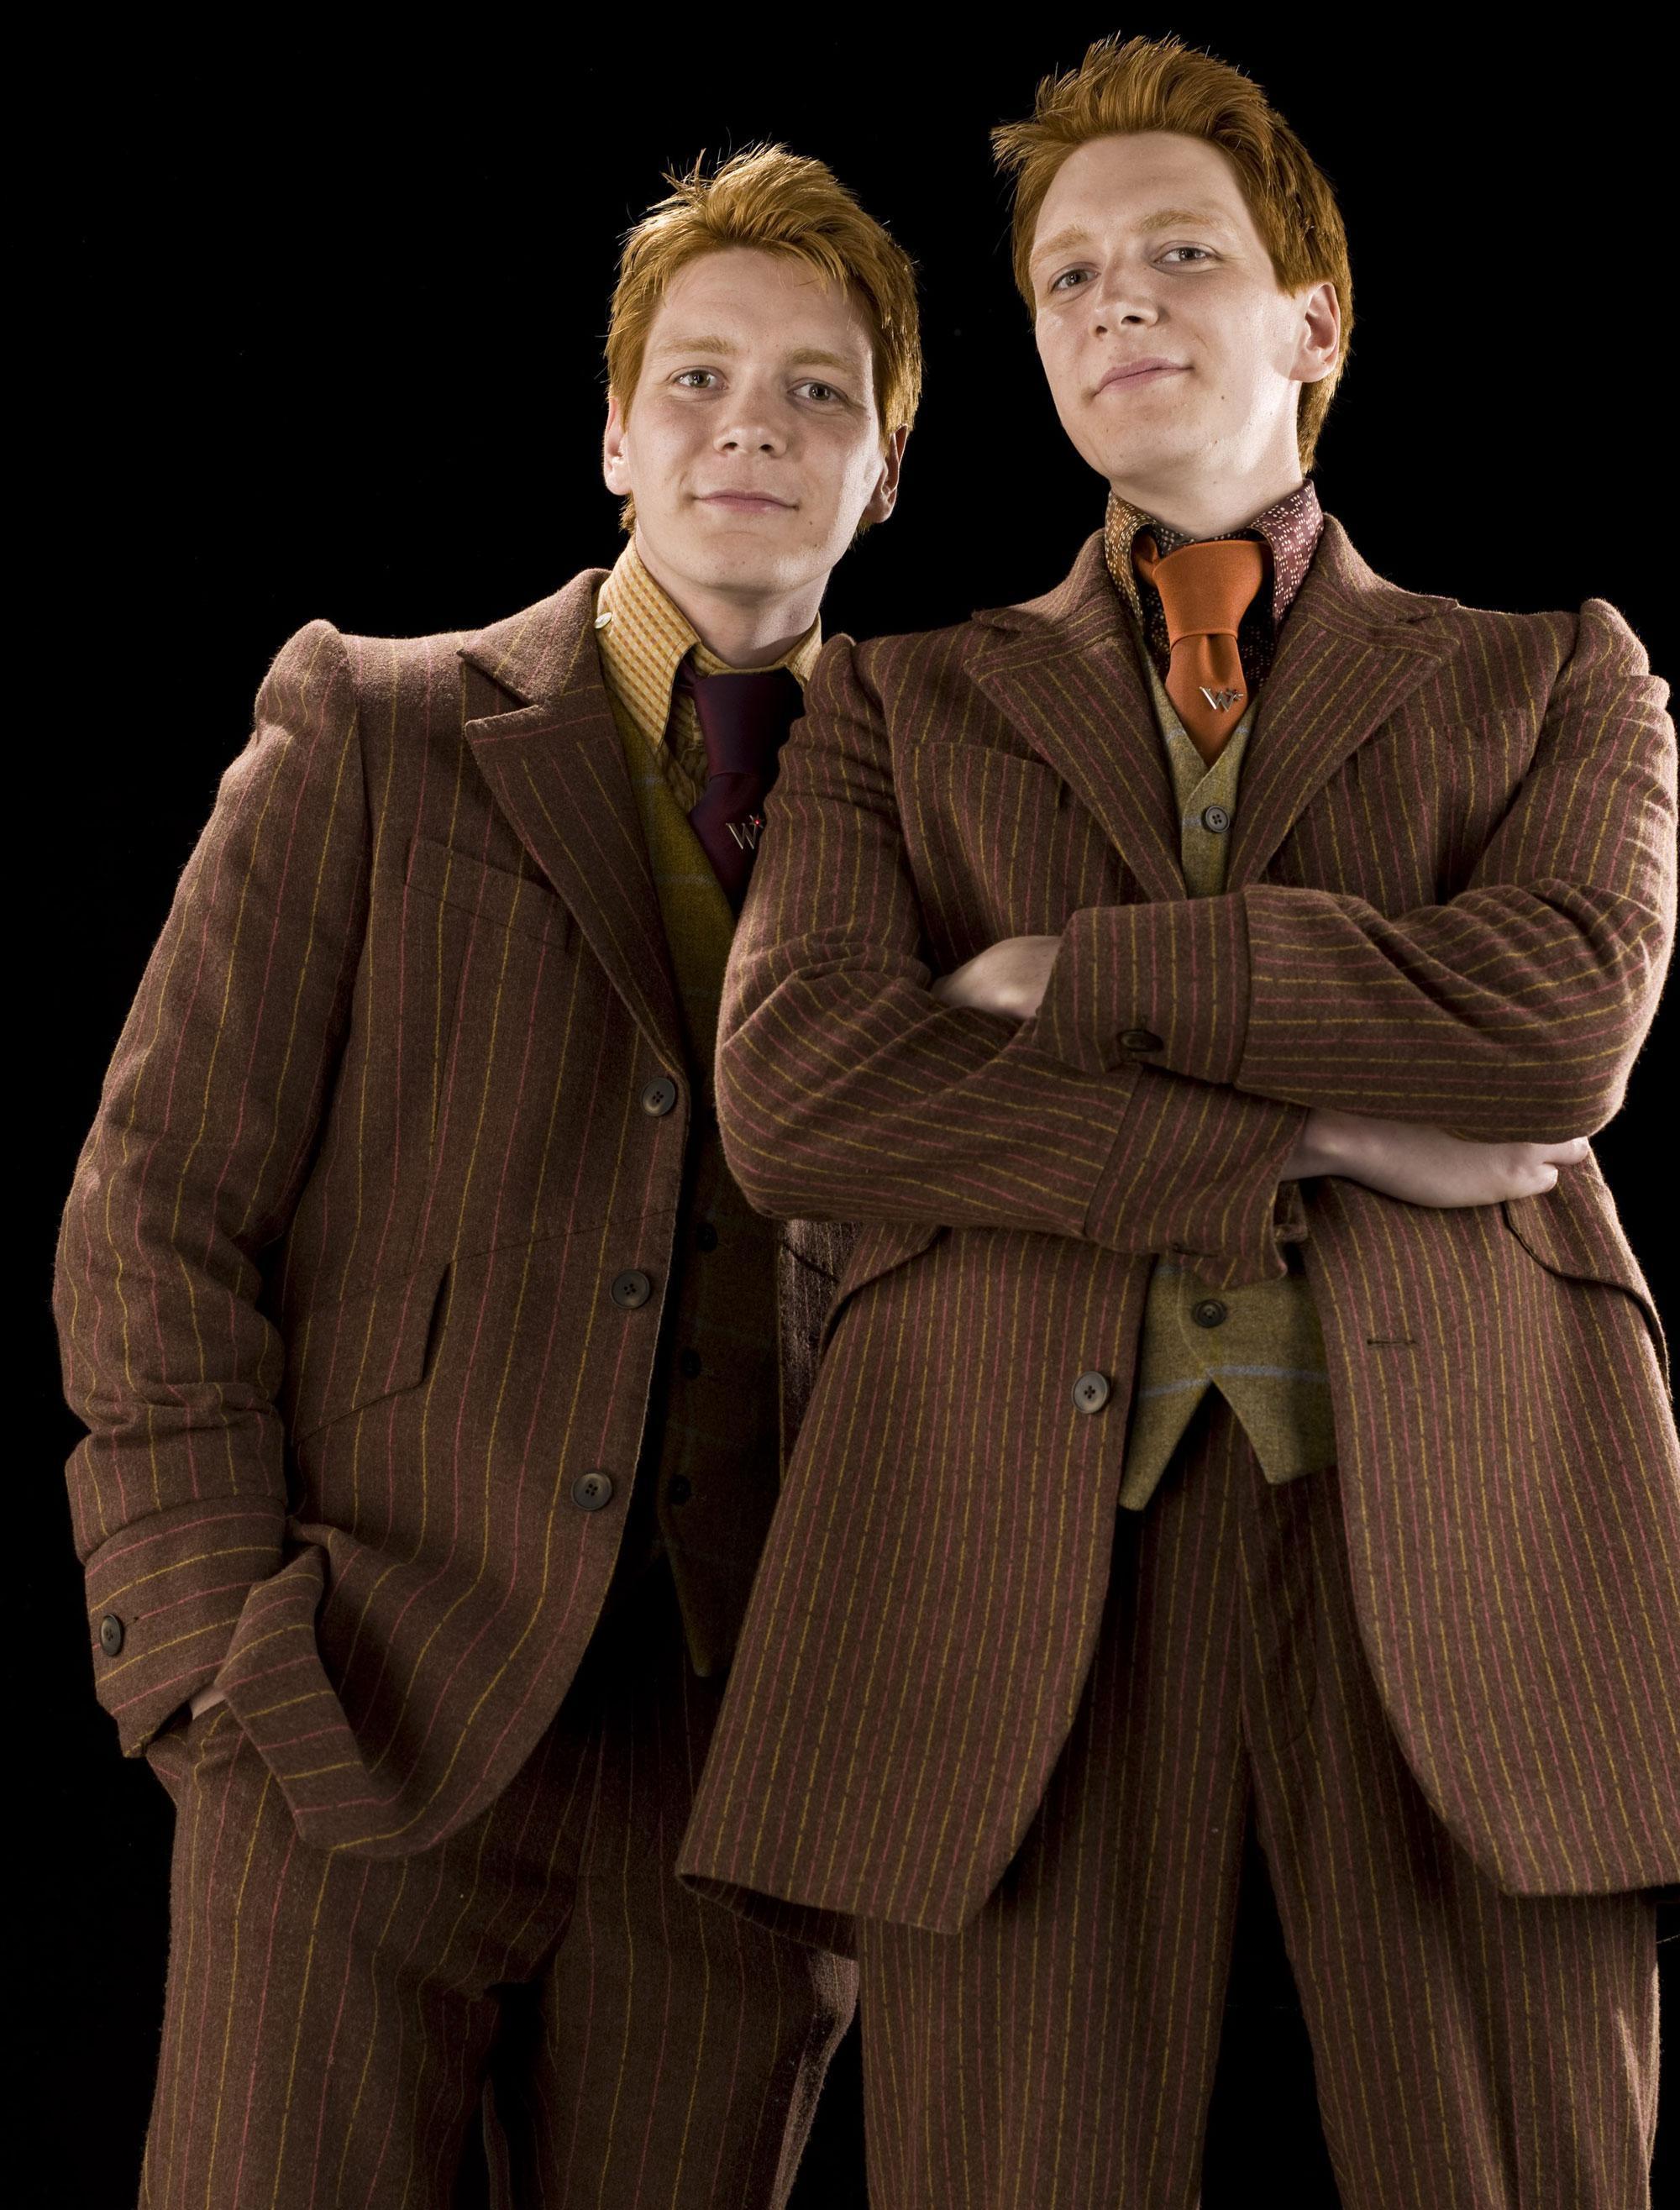 Fred Et George Weasley Wiki Harry Potter Wikia